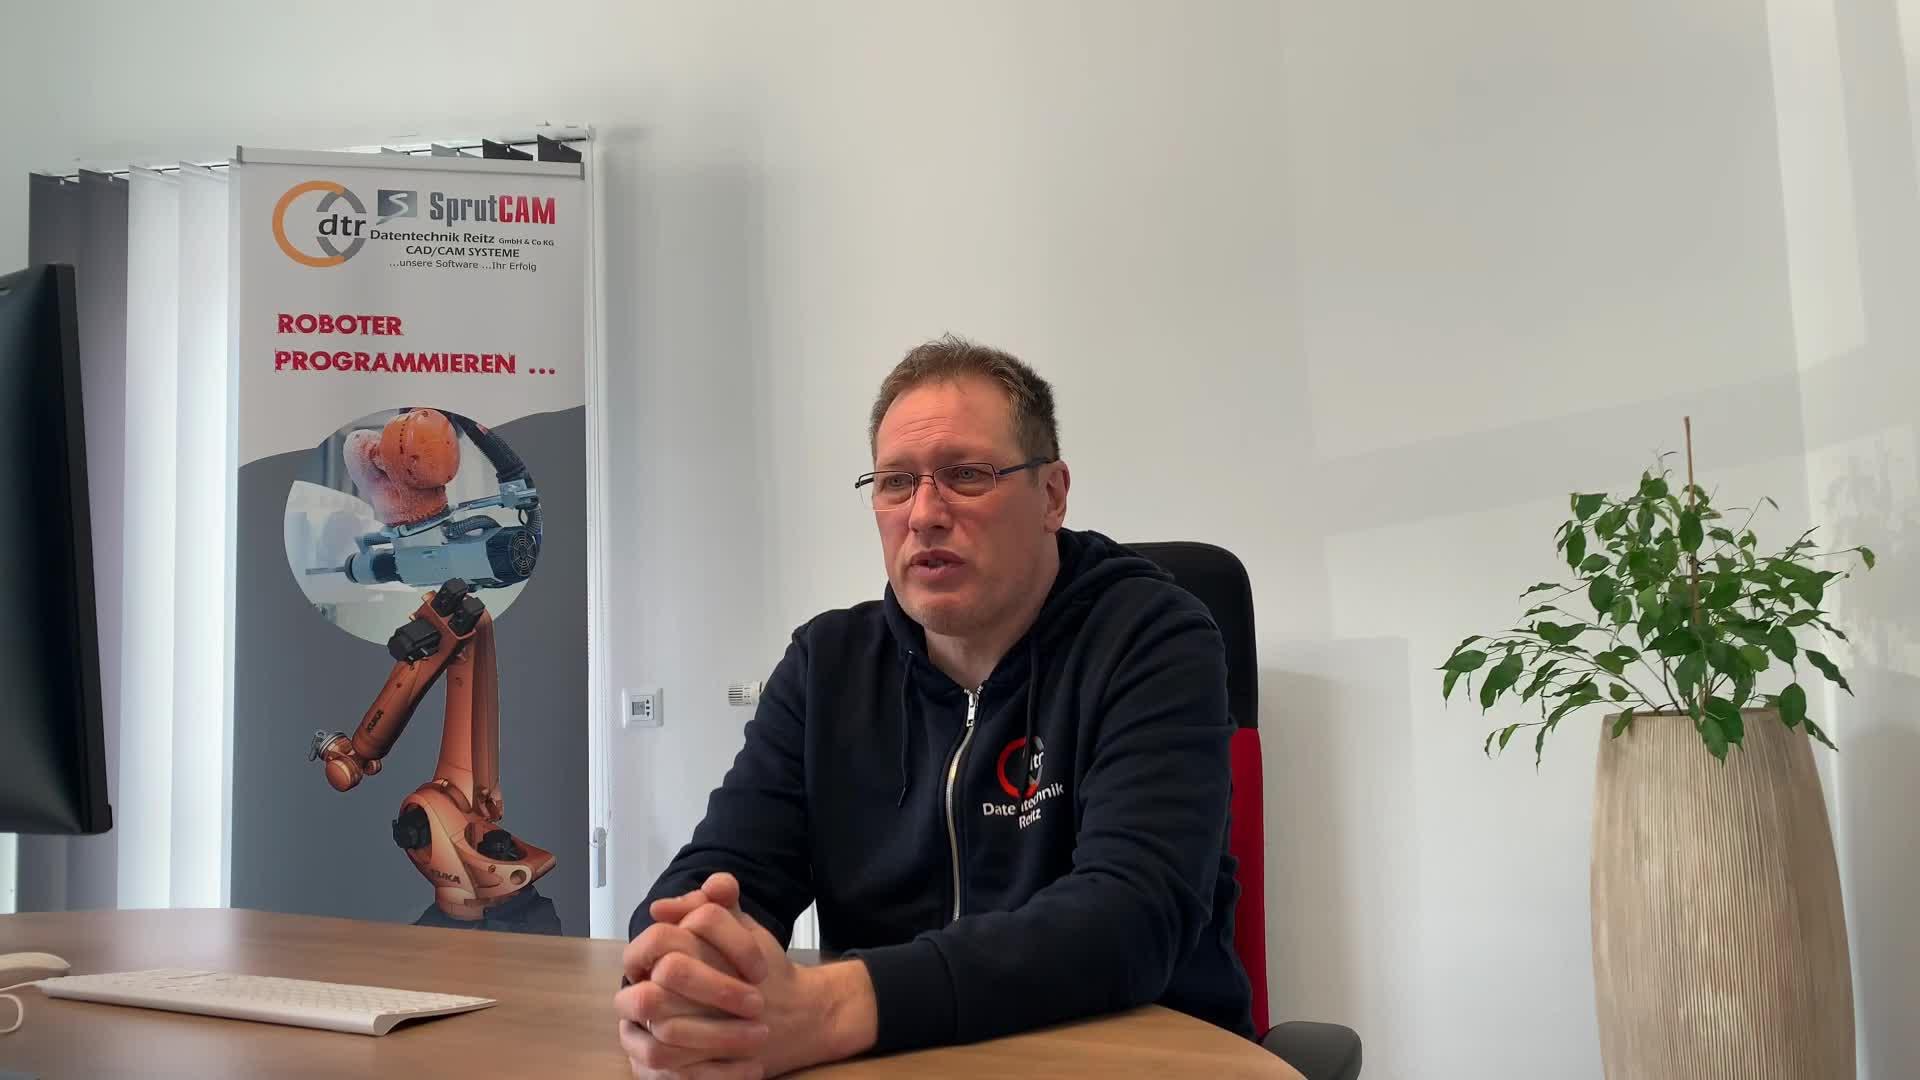 25 Jahre Datentechnik Reitz - Interview Teil 6/6